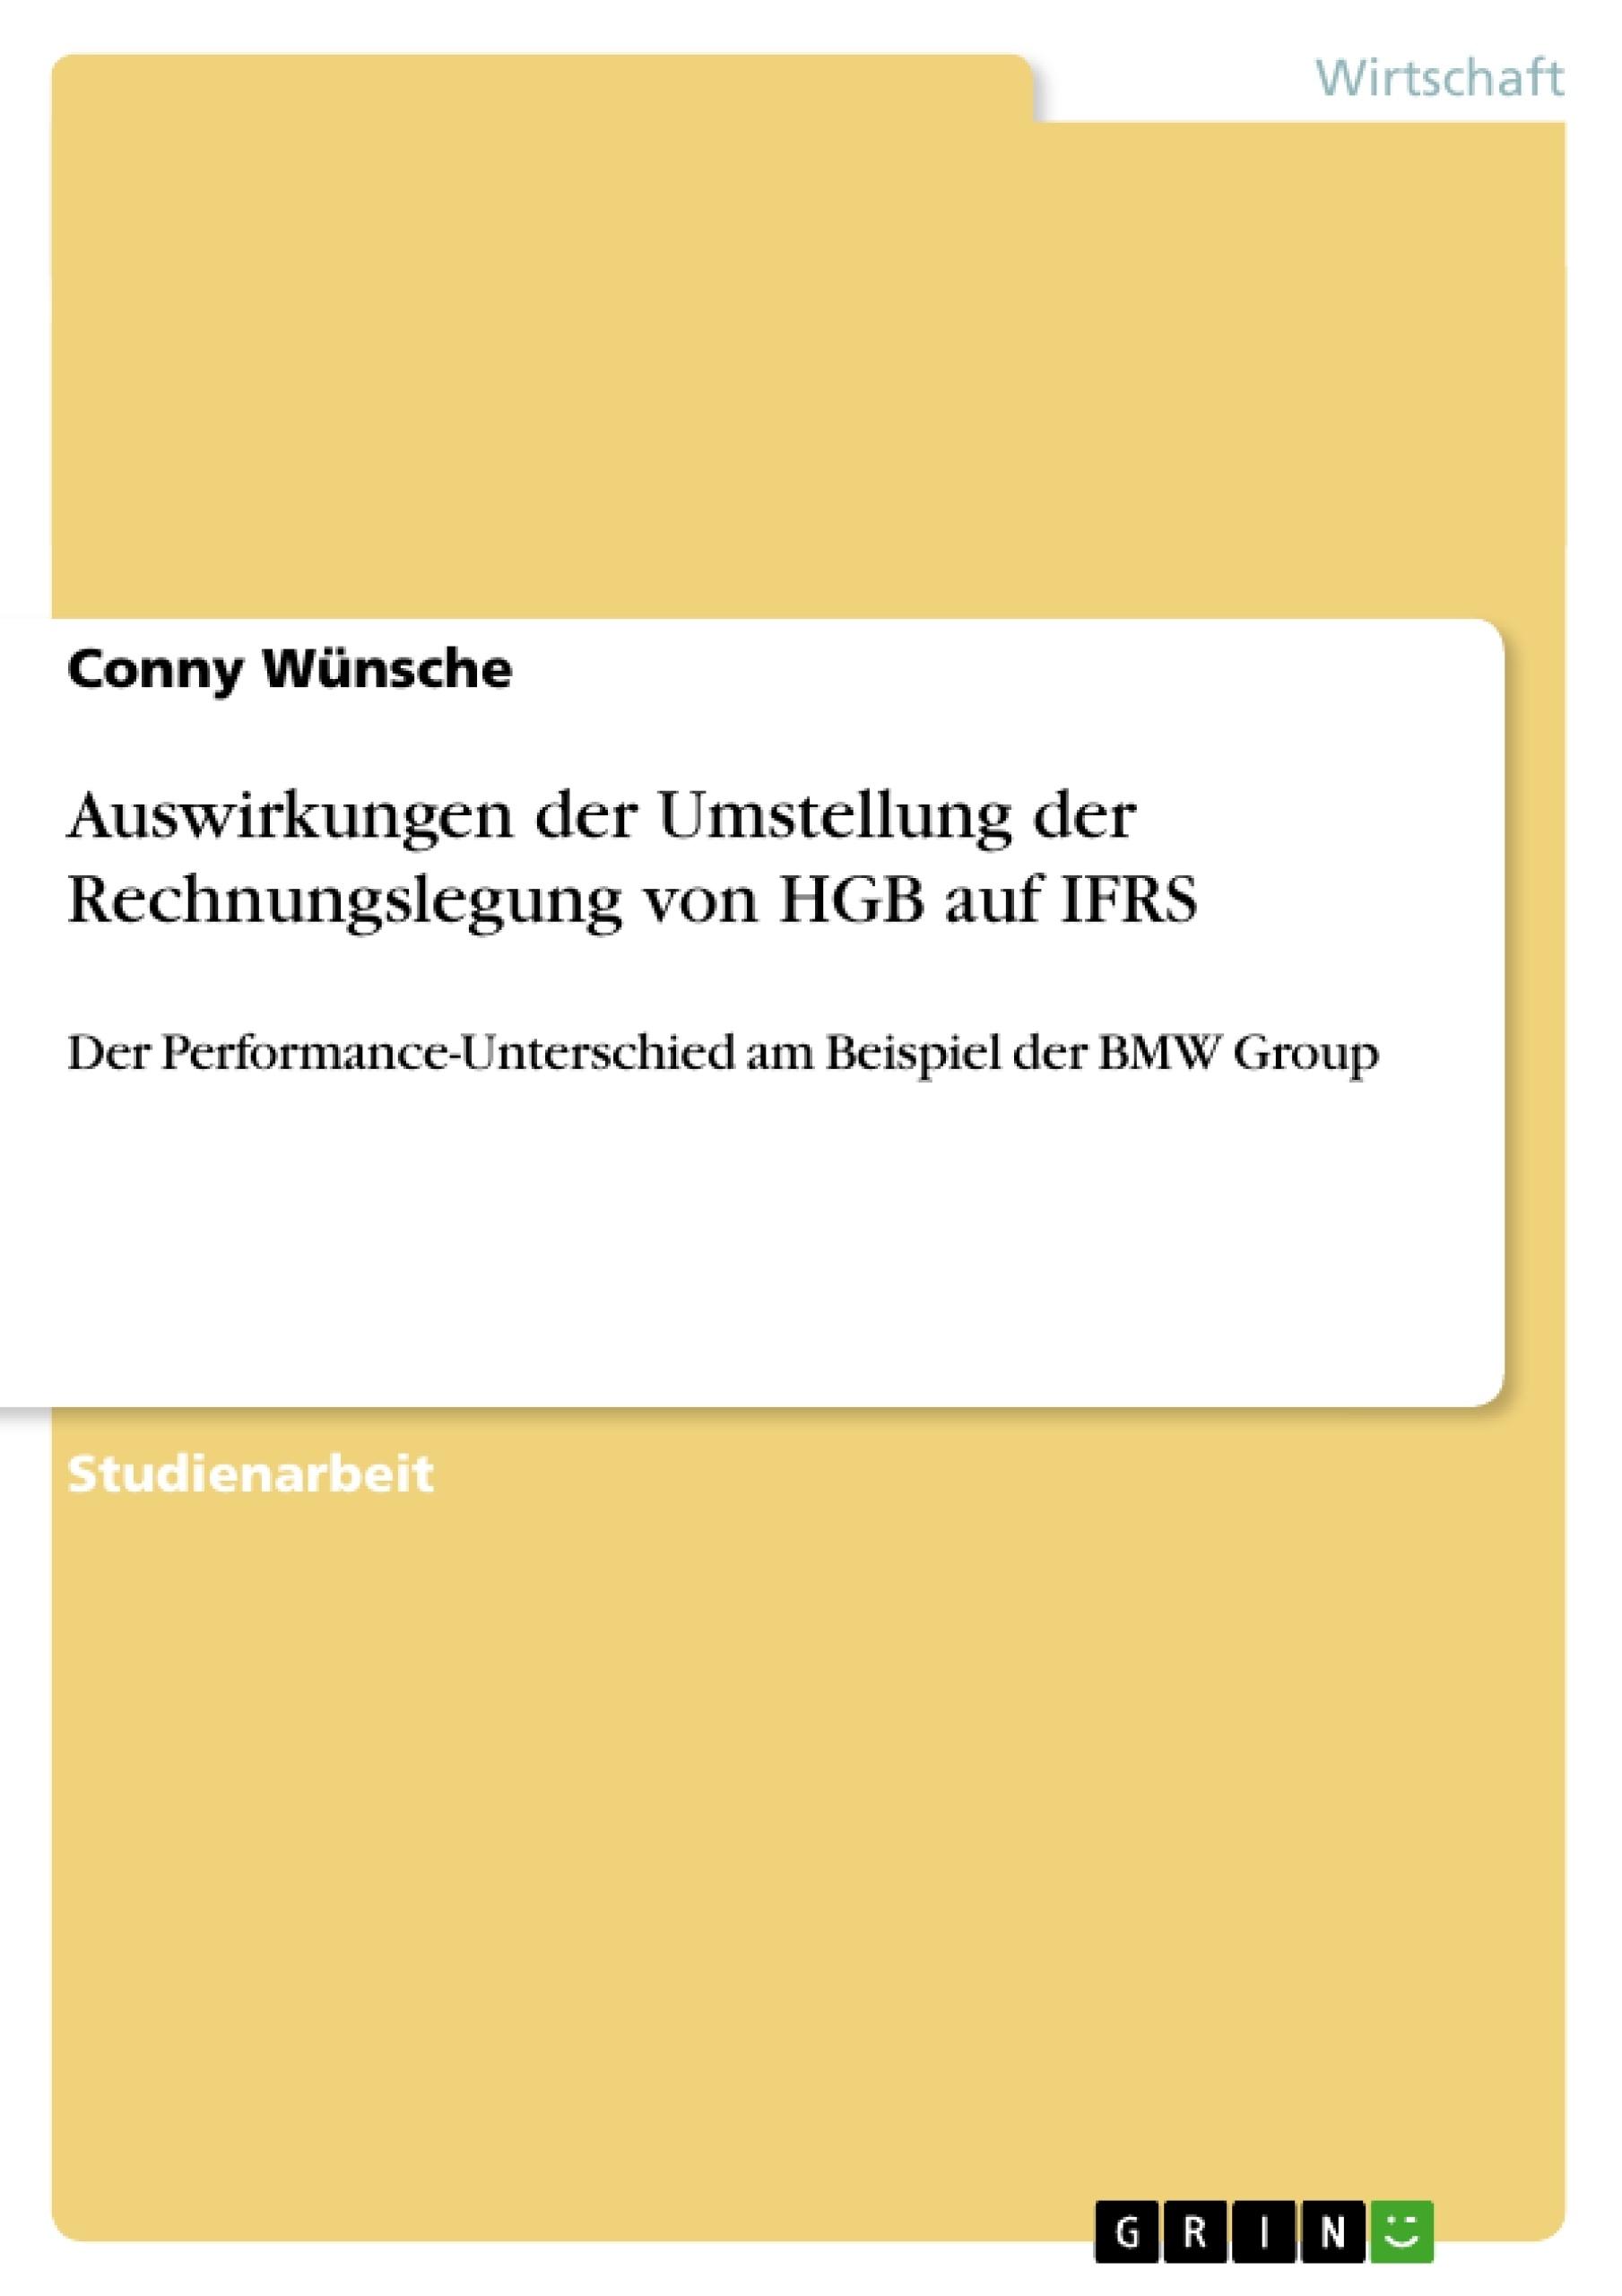 Titel: Auswirkungen der Umstellung der Rechnungslegung von HGB auf IFRS